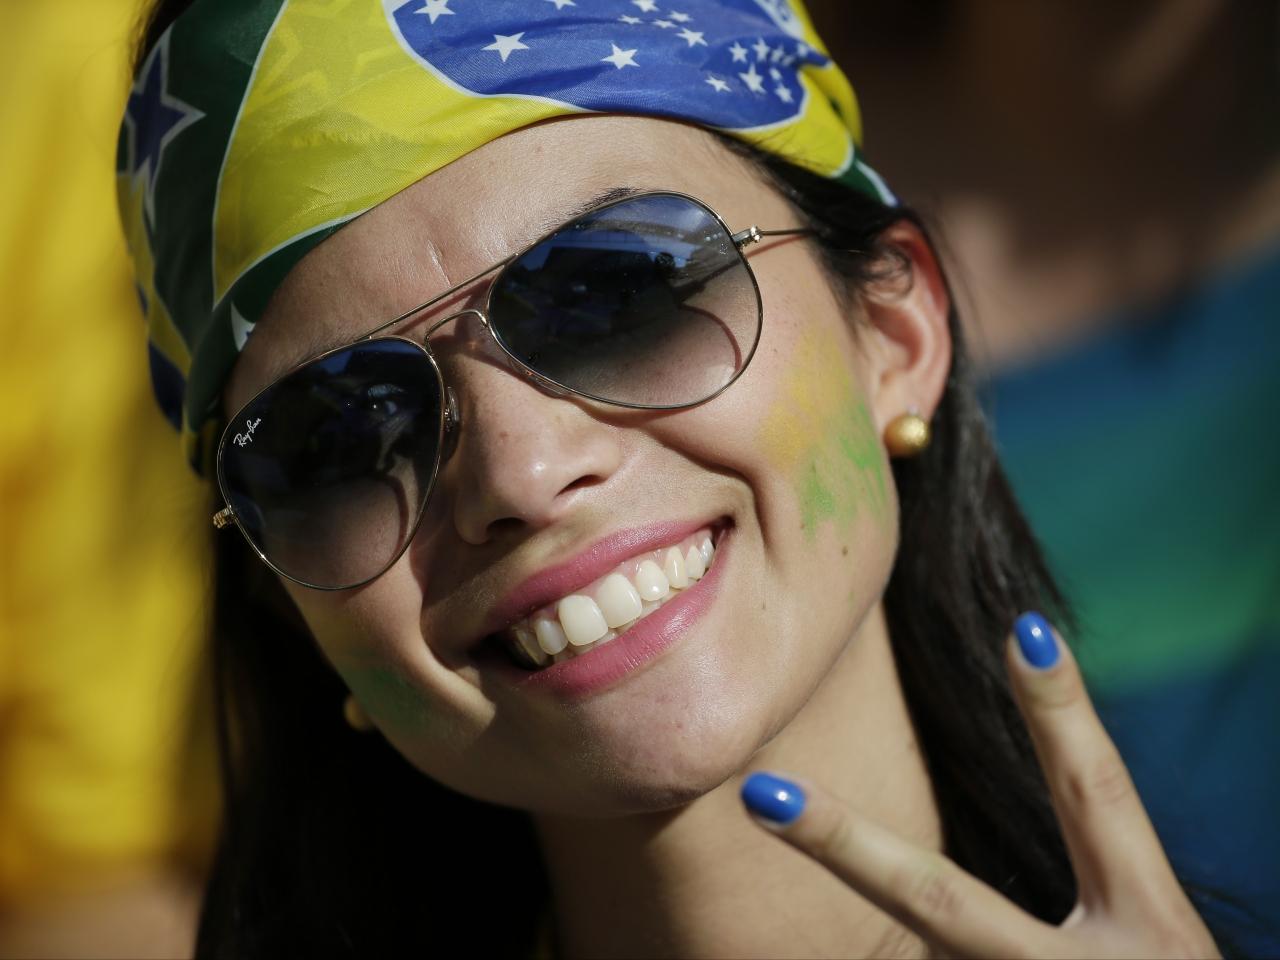 Bellas Brasileñas en el Mundial - 1280x960